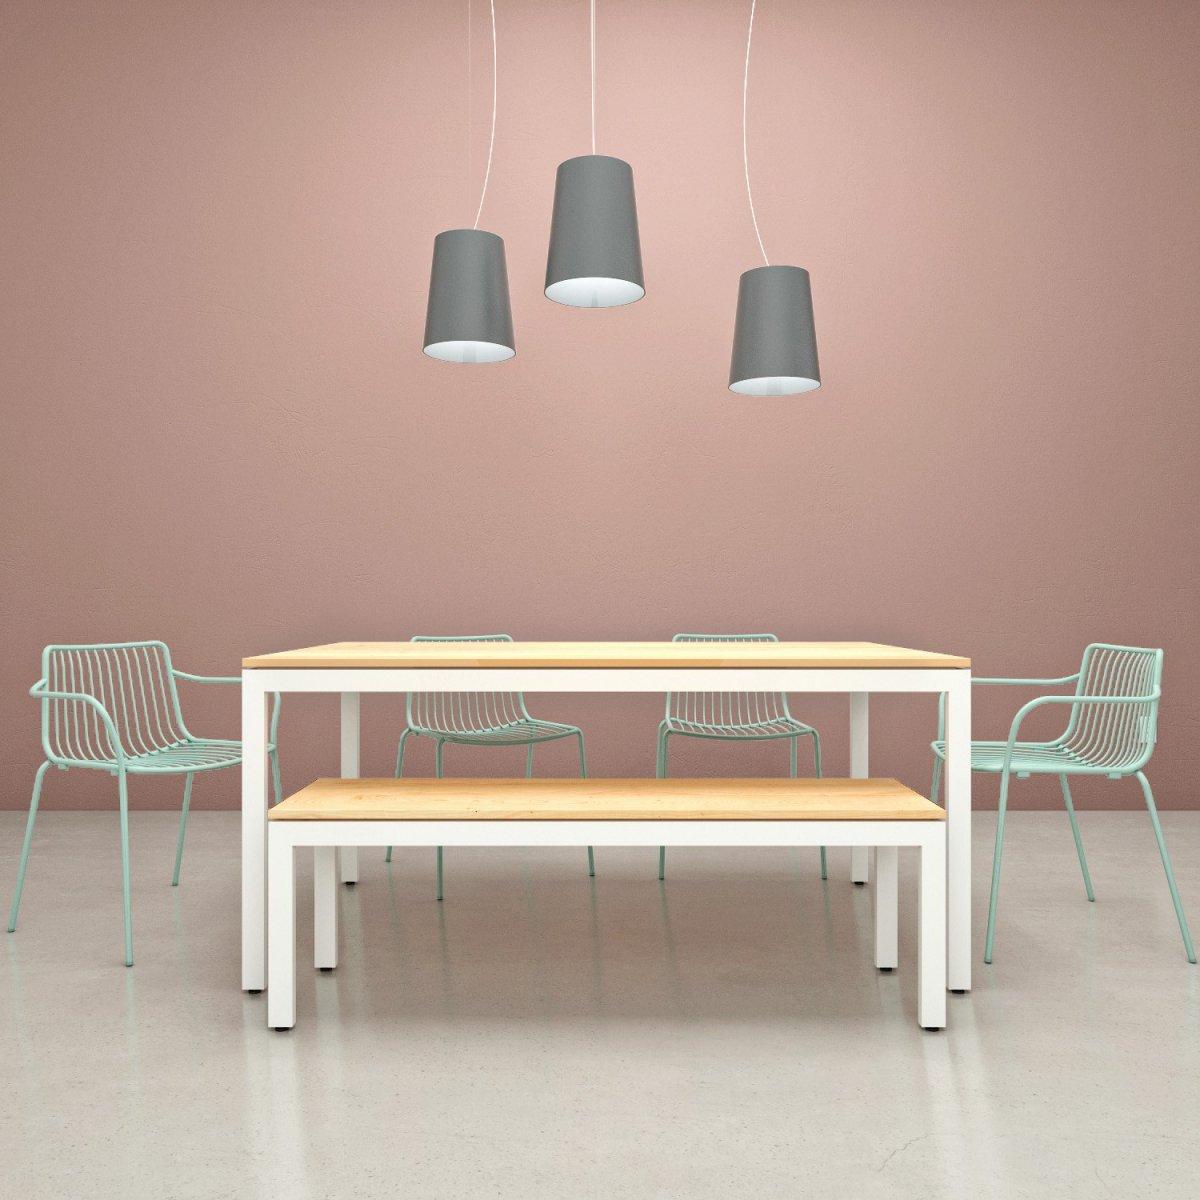 des meubles colos en alternative aux grands d taillants mise jour 2016 nouvelle. Black Bedroom Furniture Sets. Home Design Ideas